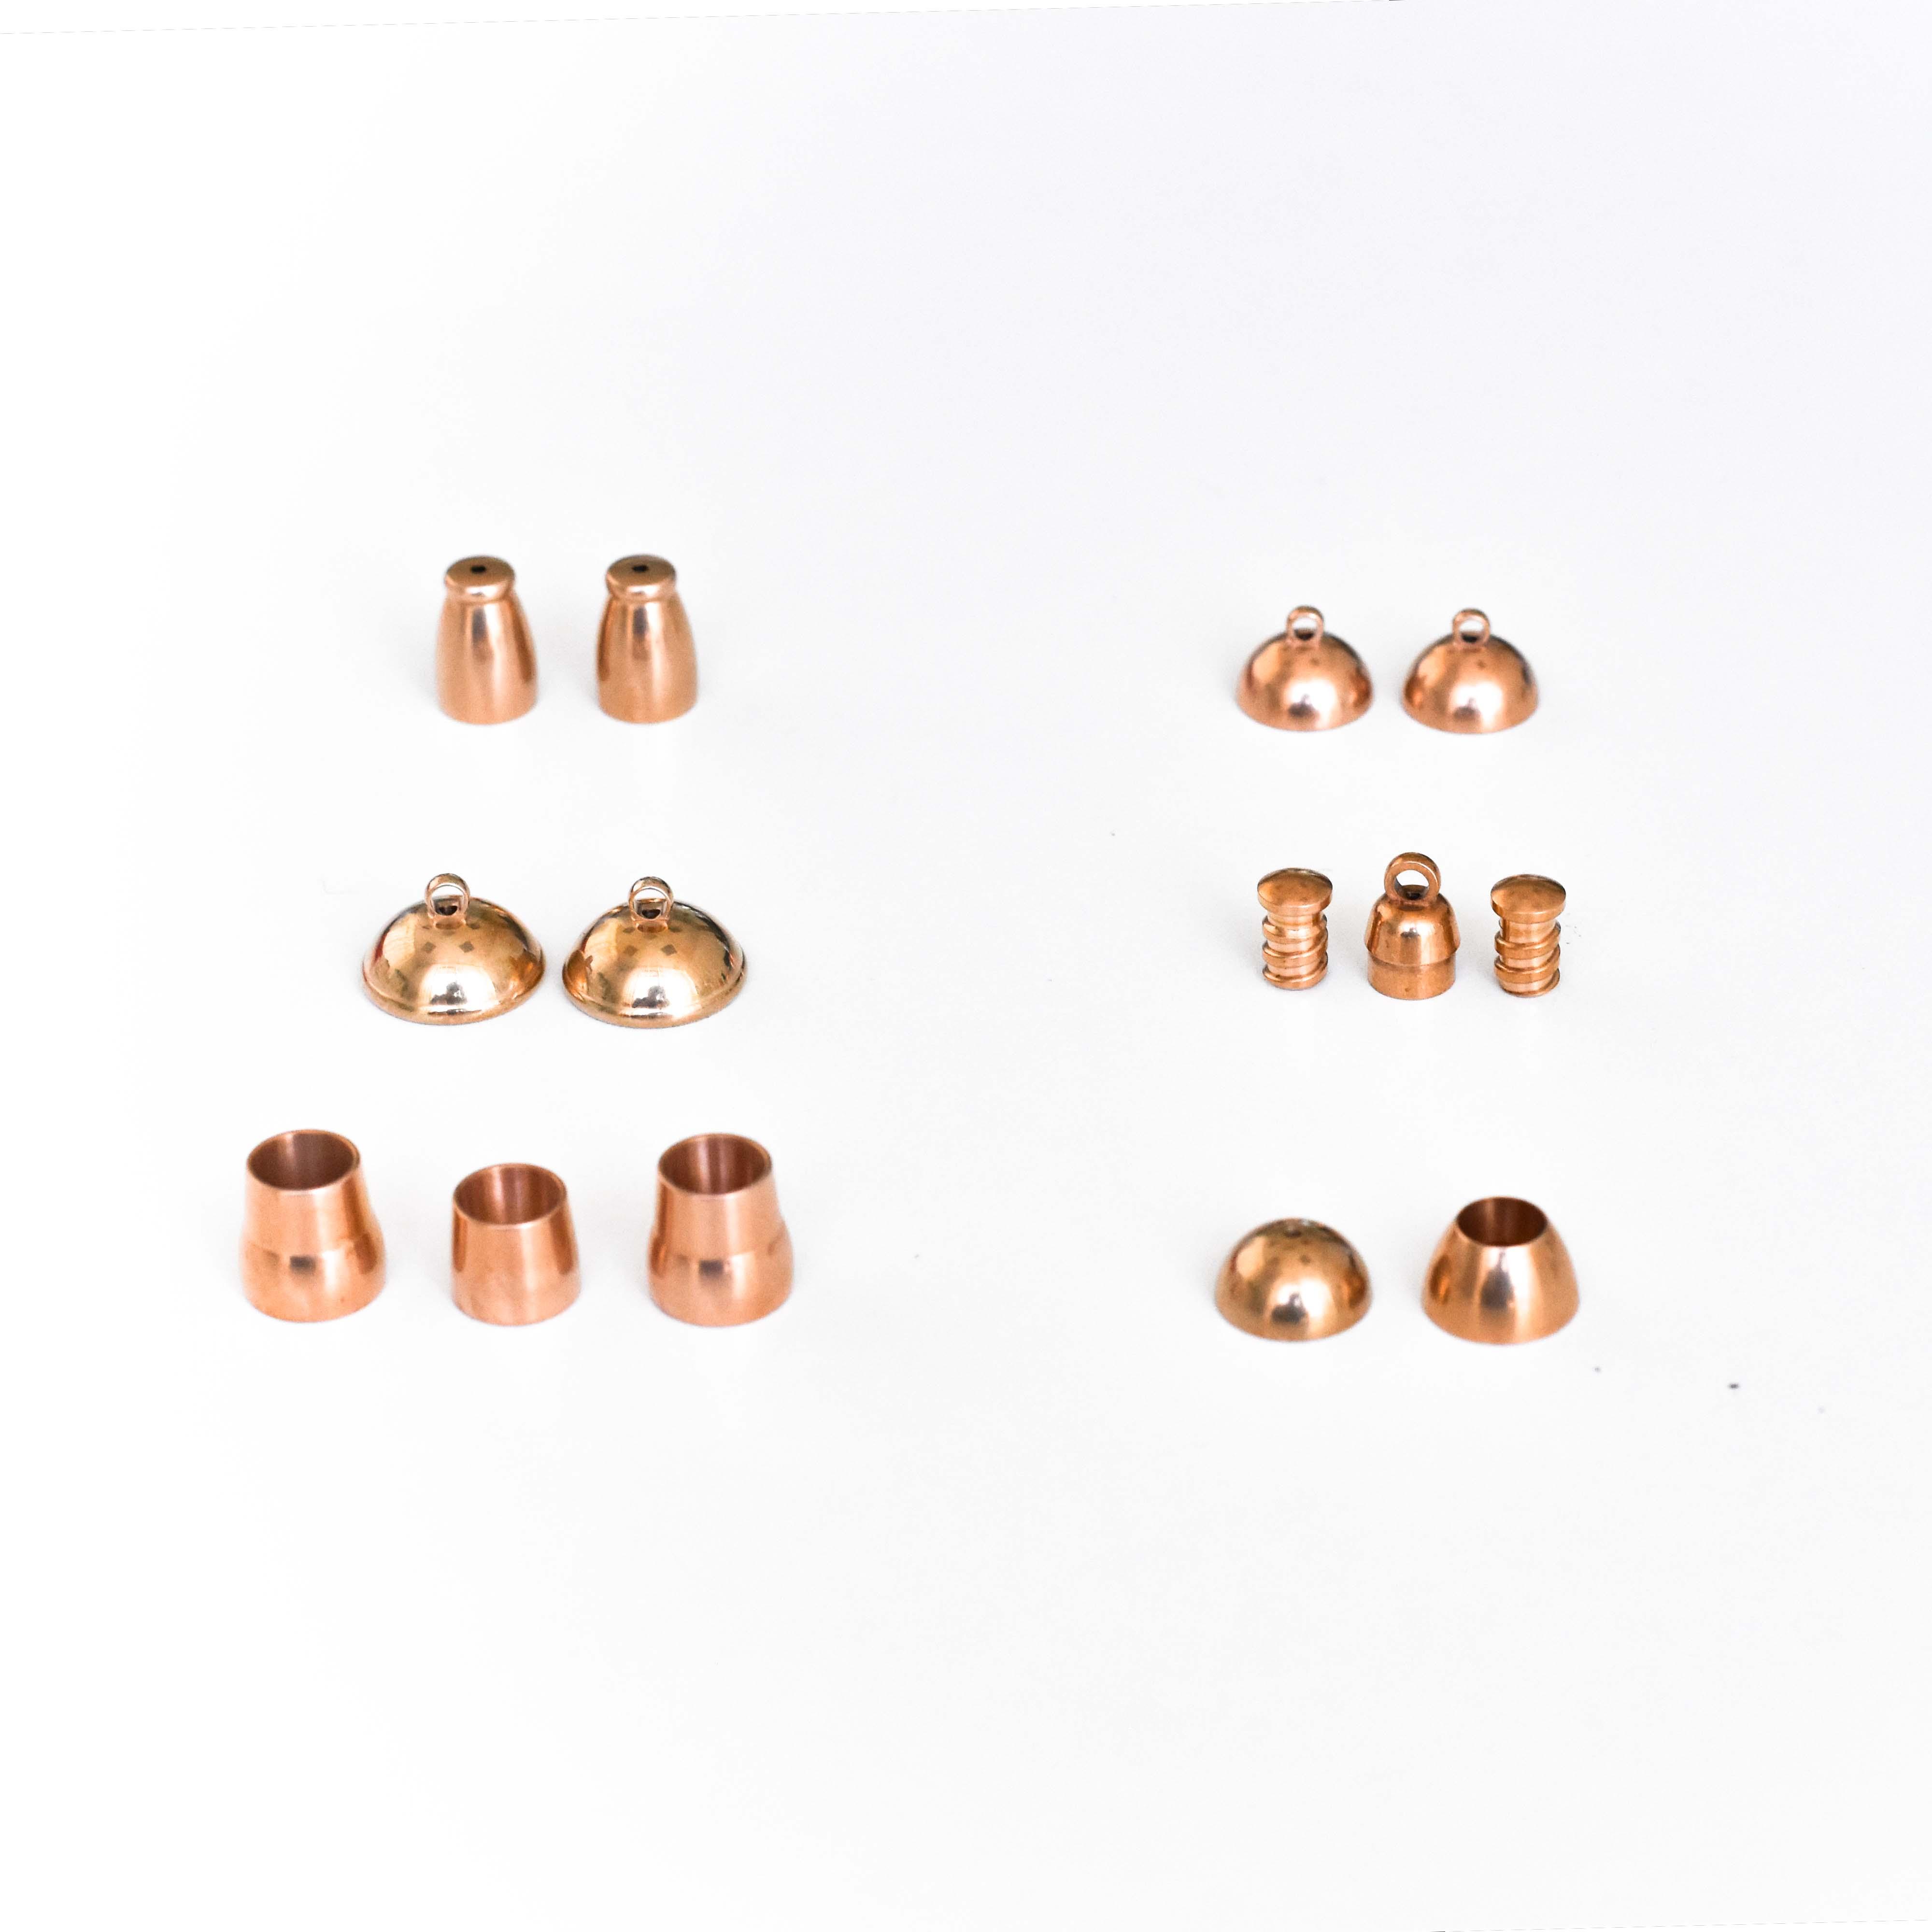 Anelli in argento e bronzo anche assemblabili a incastro o con filettatura (2)